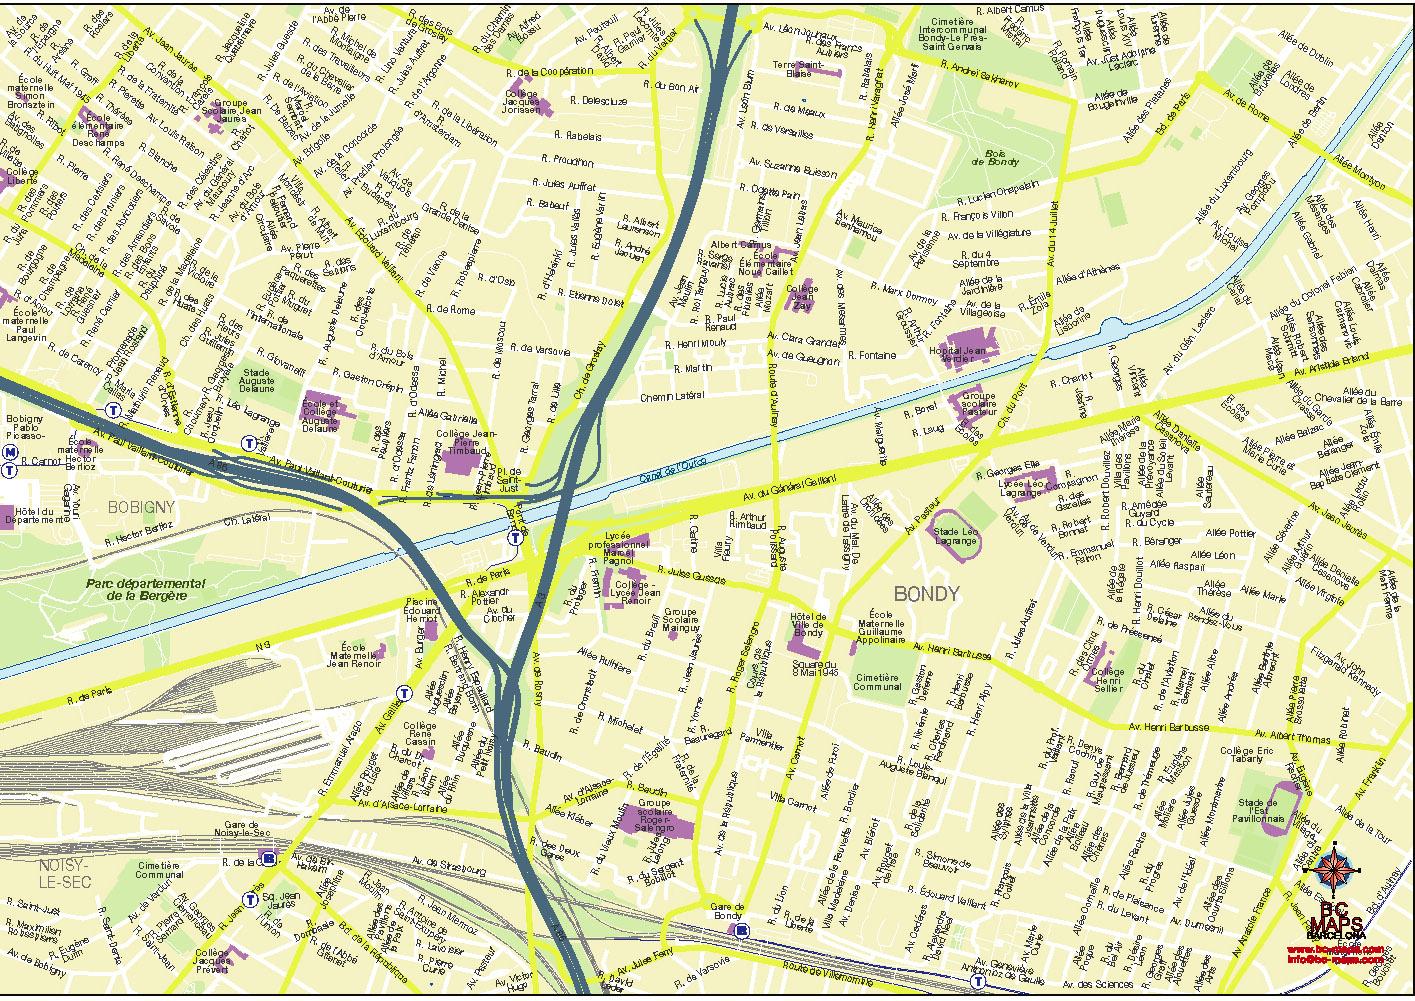 Bondy plan de ville fond de carte vectoriel illustrator eps